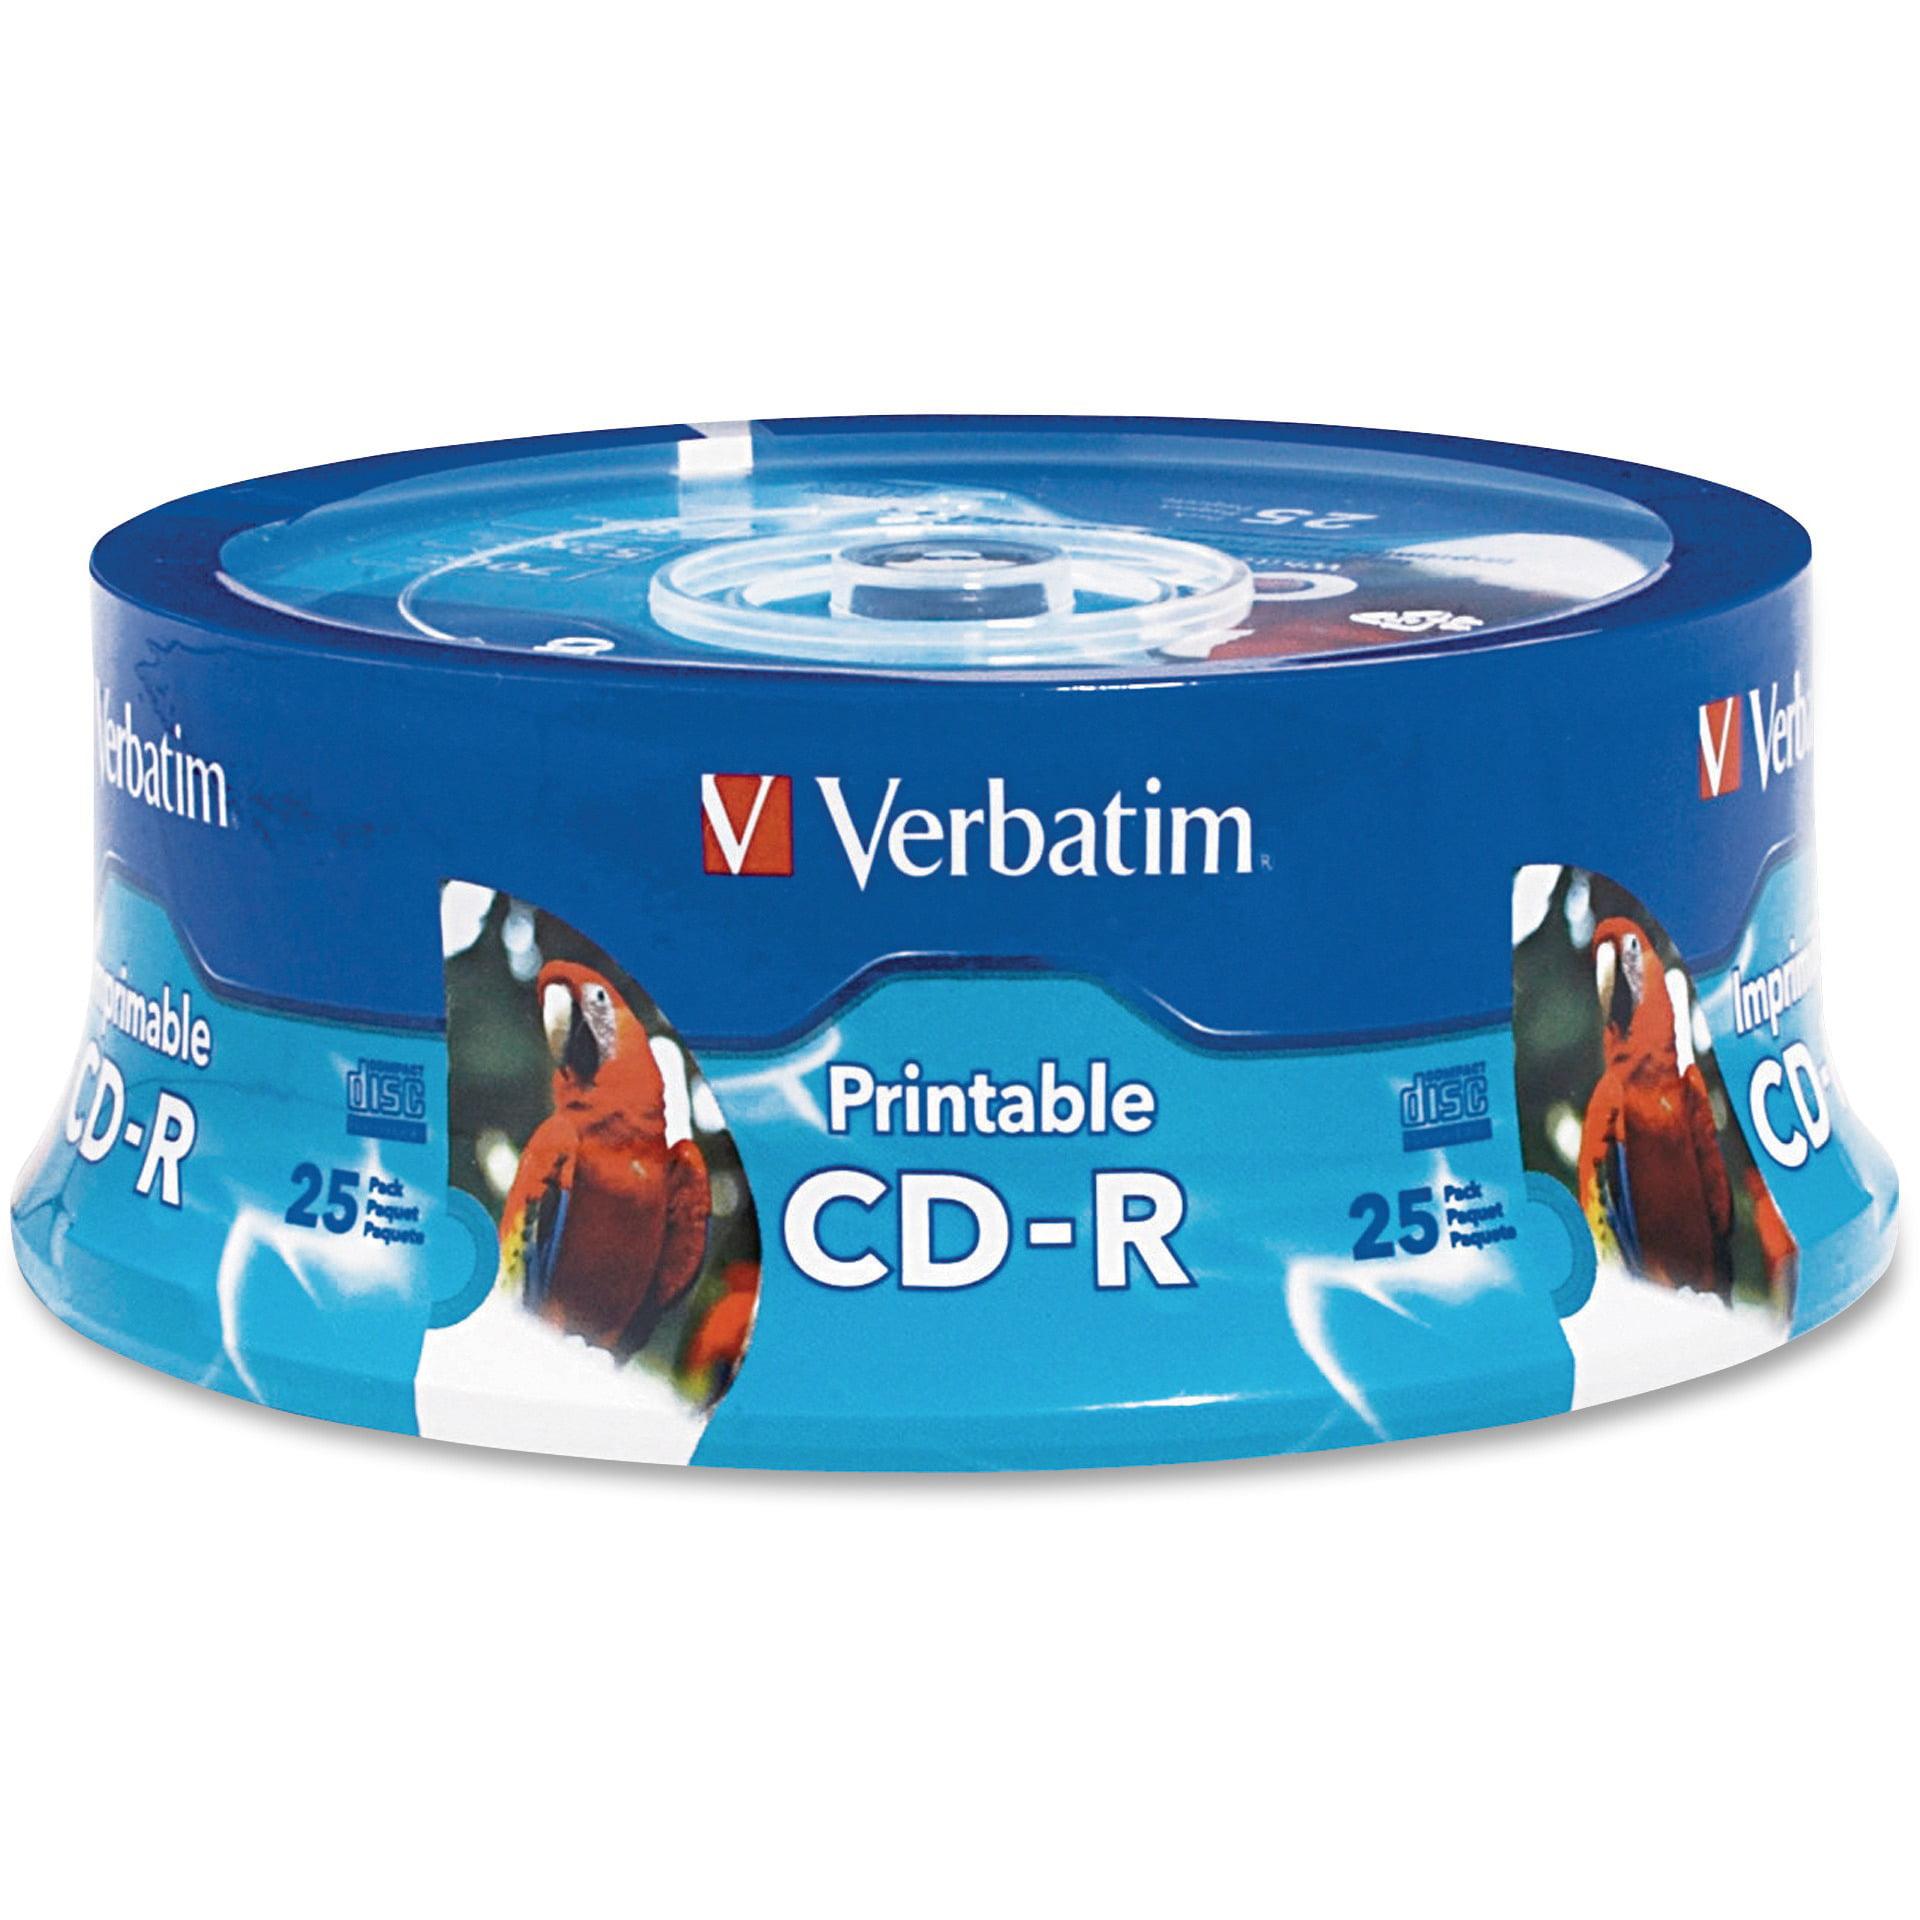 Verbatim, VER96189, Verbatim Write-Once Inkjet Printable CD-R Discs, 25, White